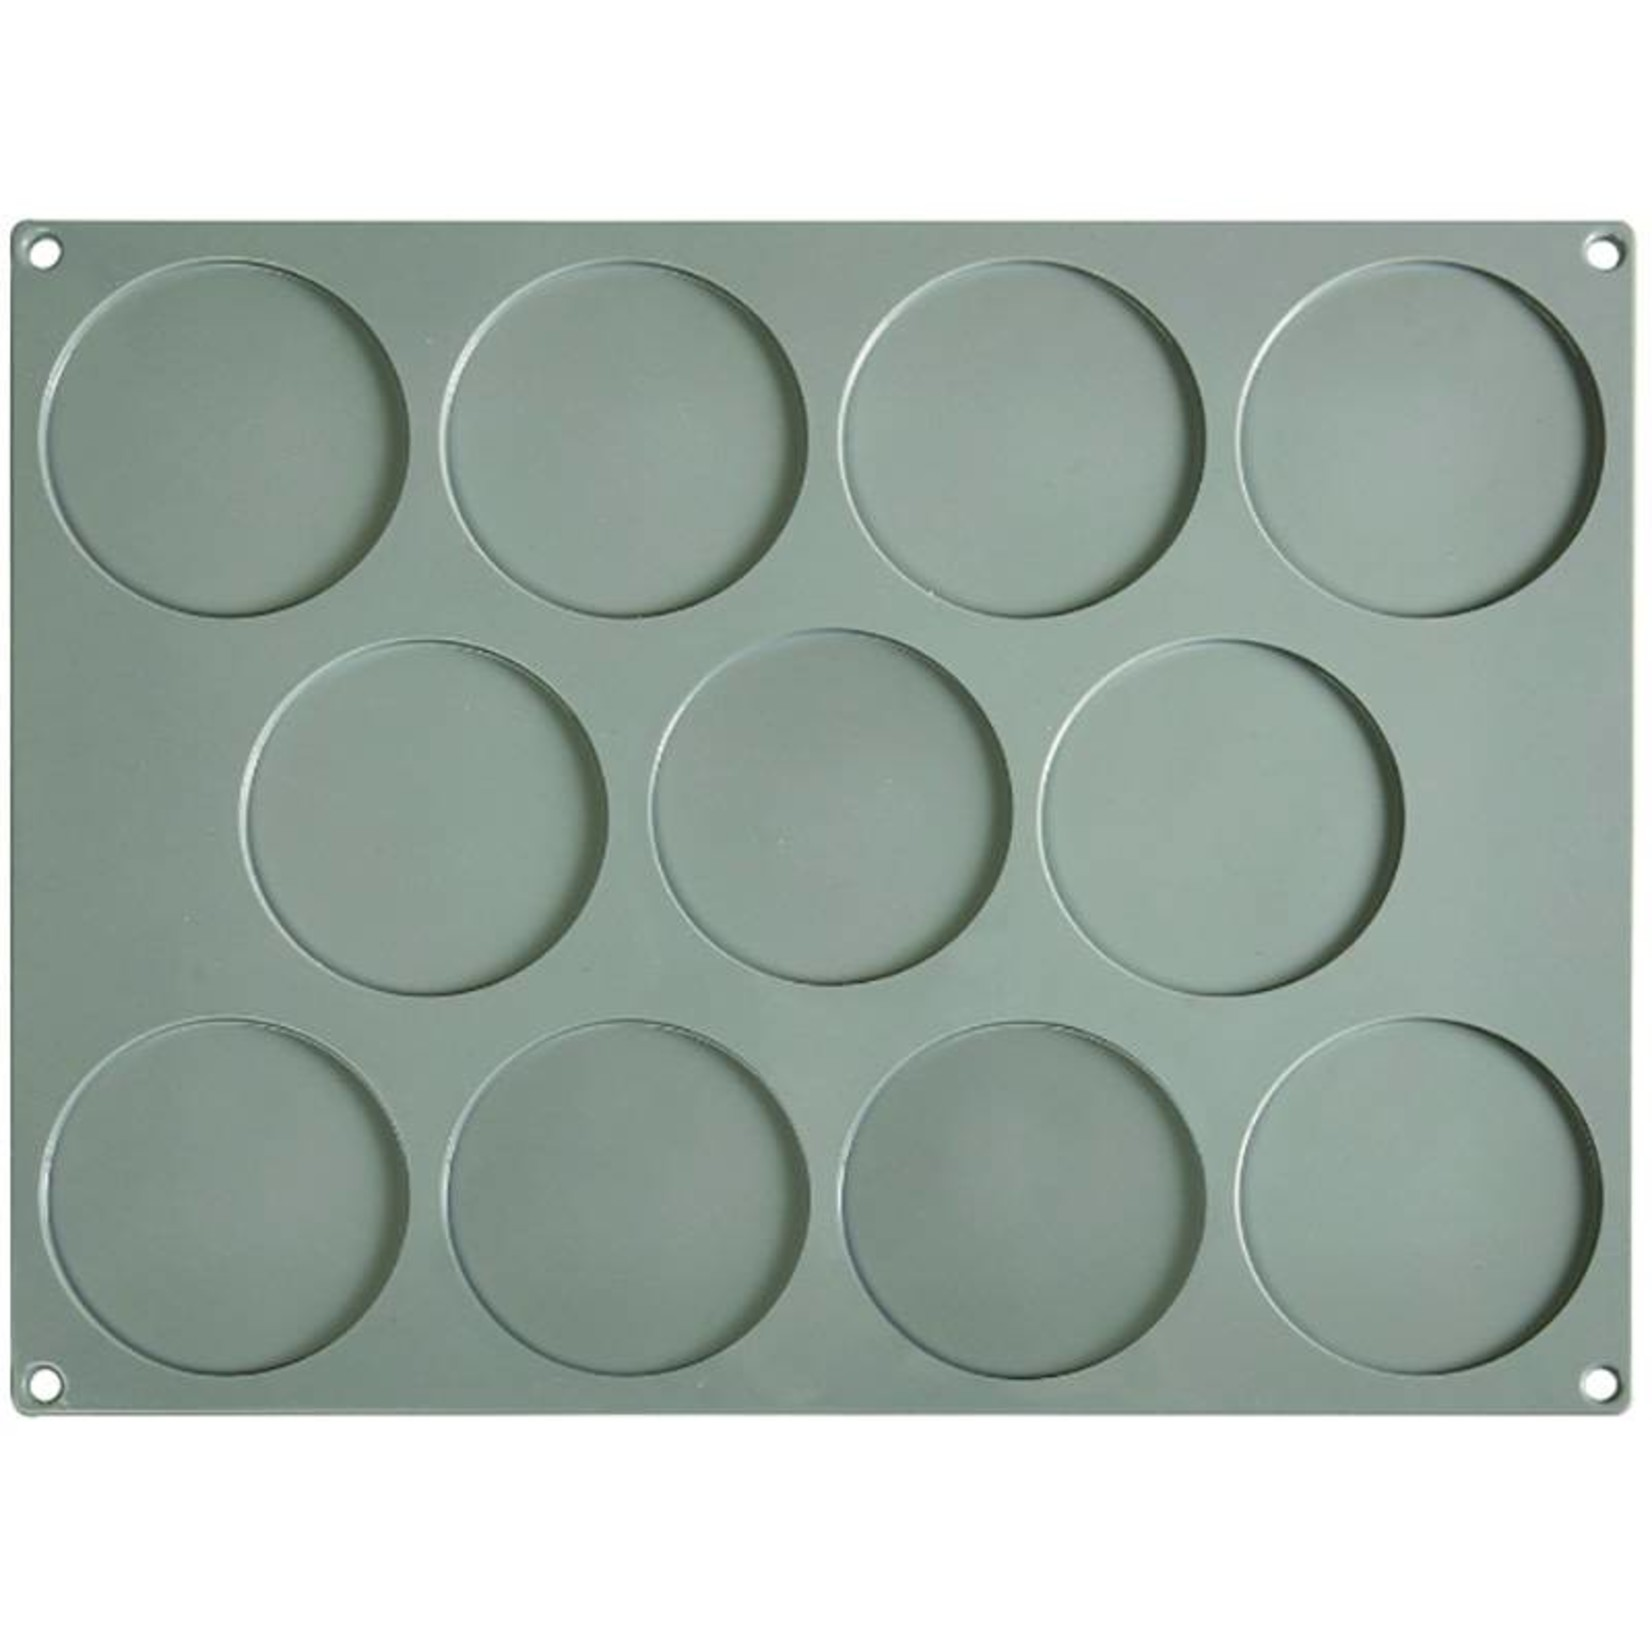 Pavoni Pavoni - Gourmand silicone mold, Disco Piccolo (11 cavity), GG004